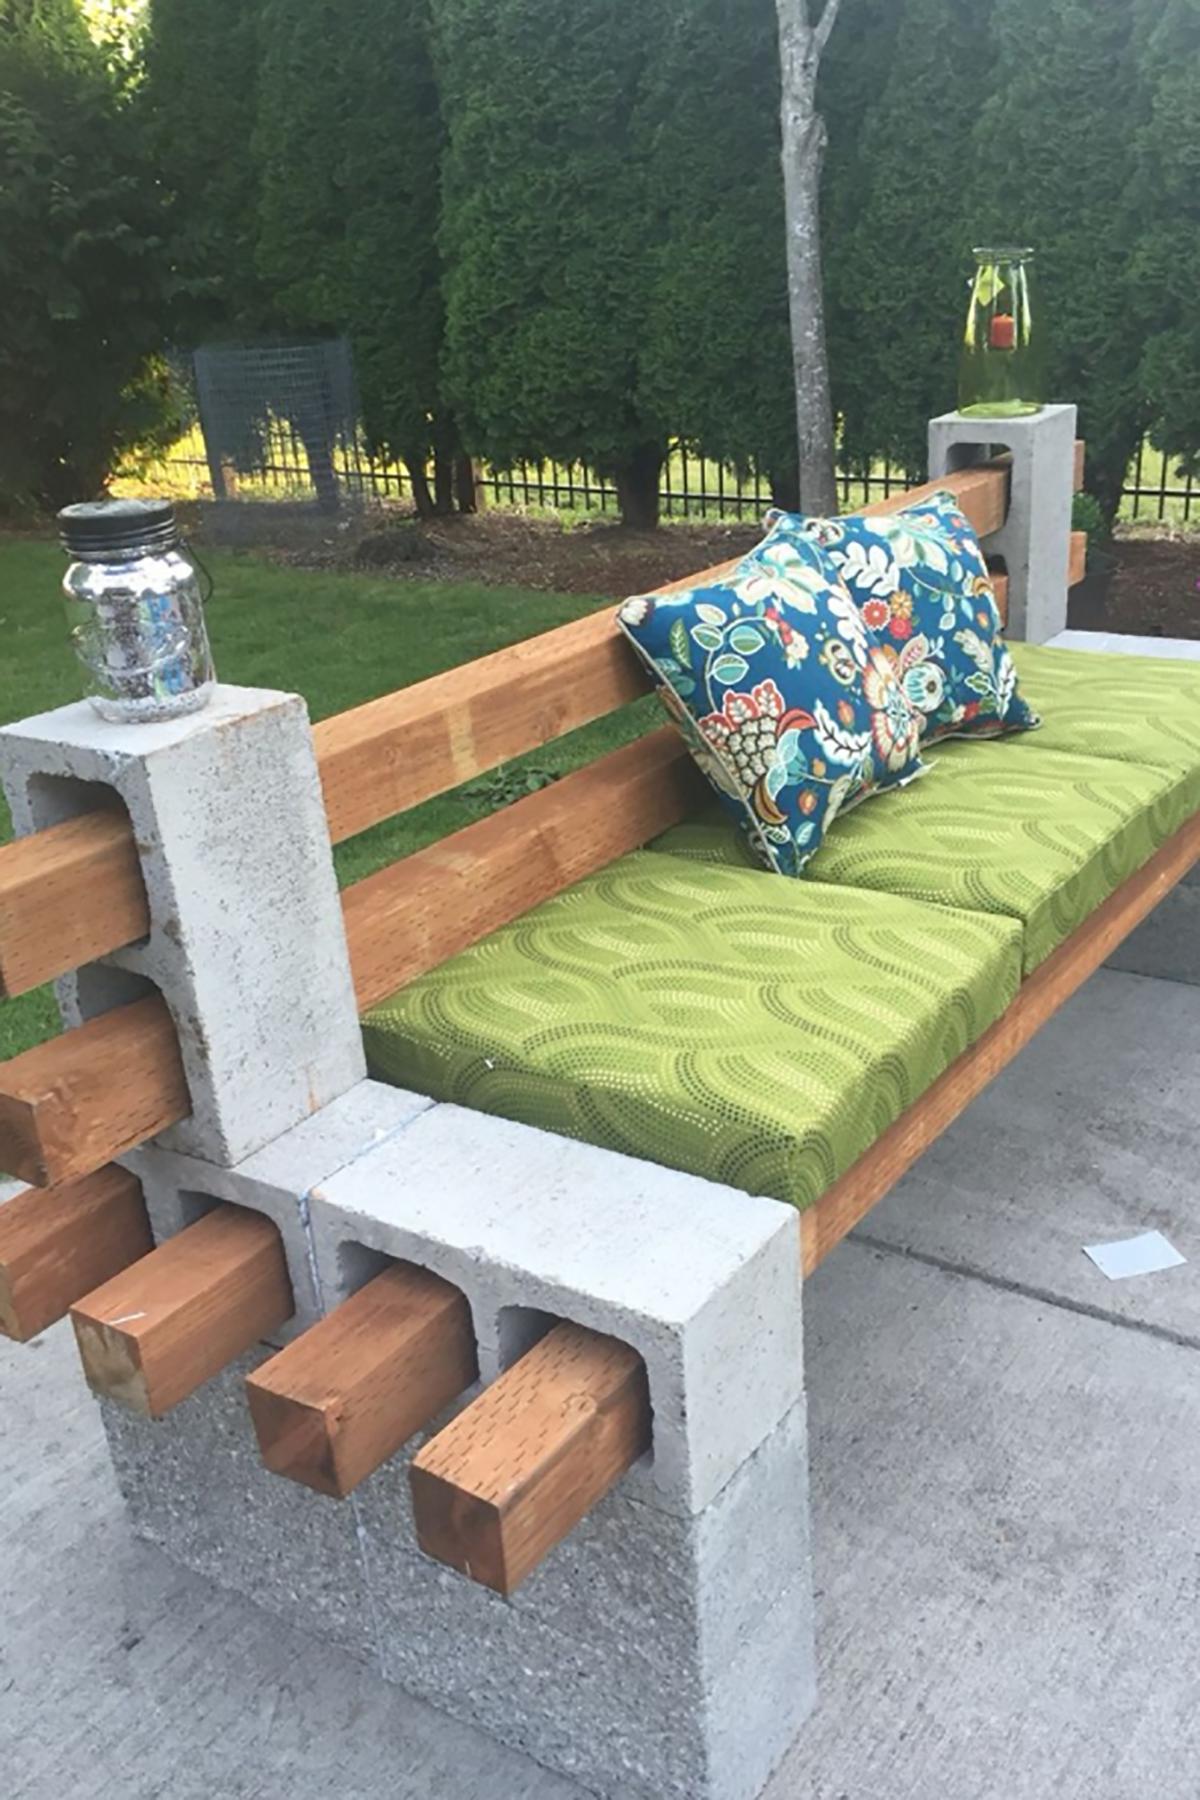 6 DIY Garden Bench Ideas - Free Plans for Outdoor Benches